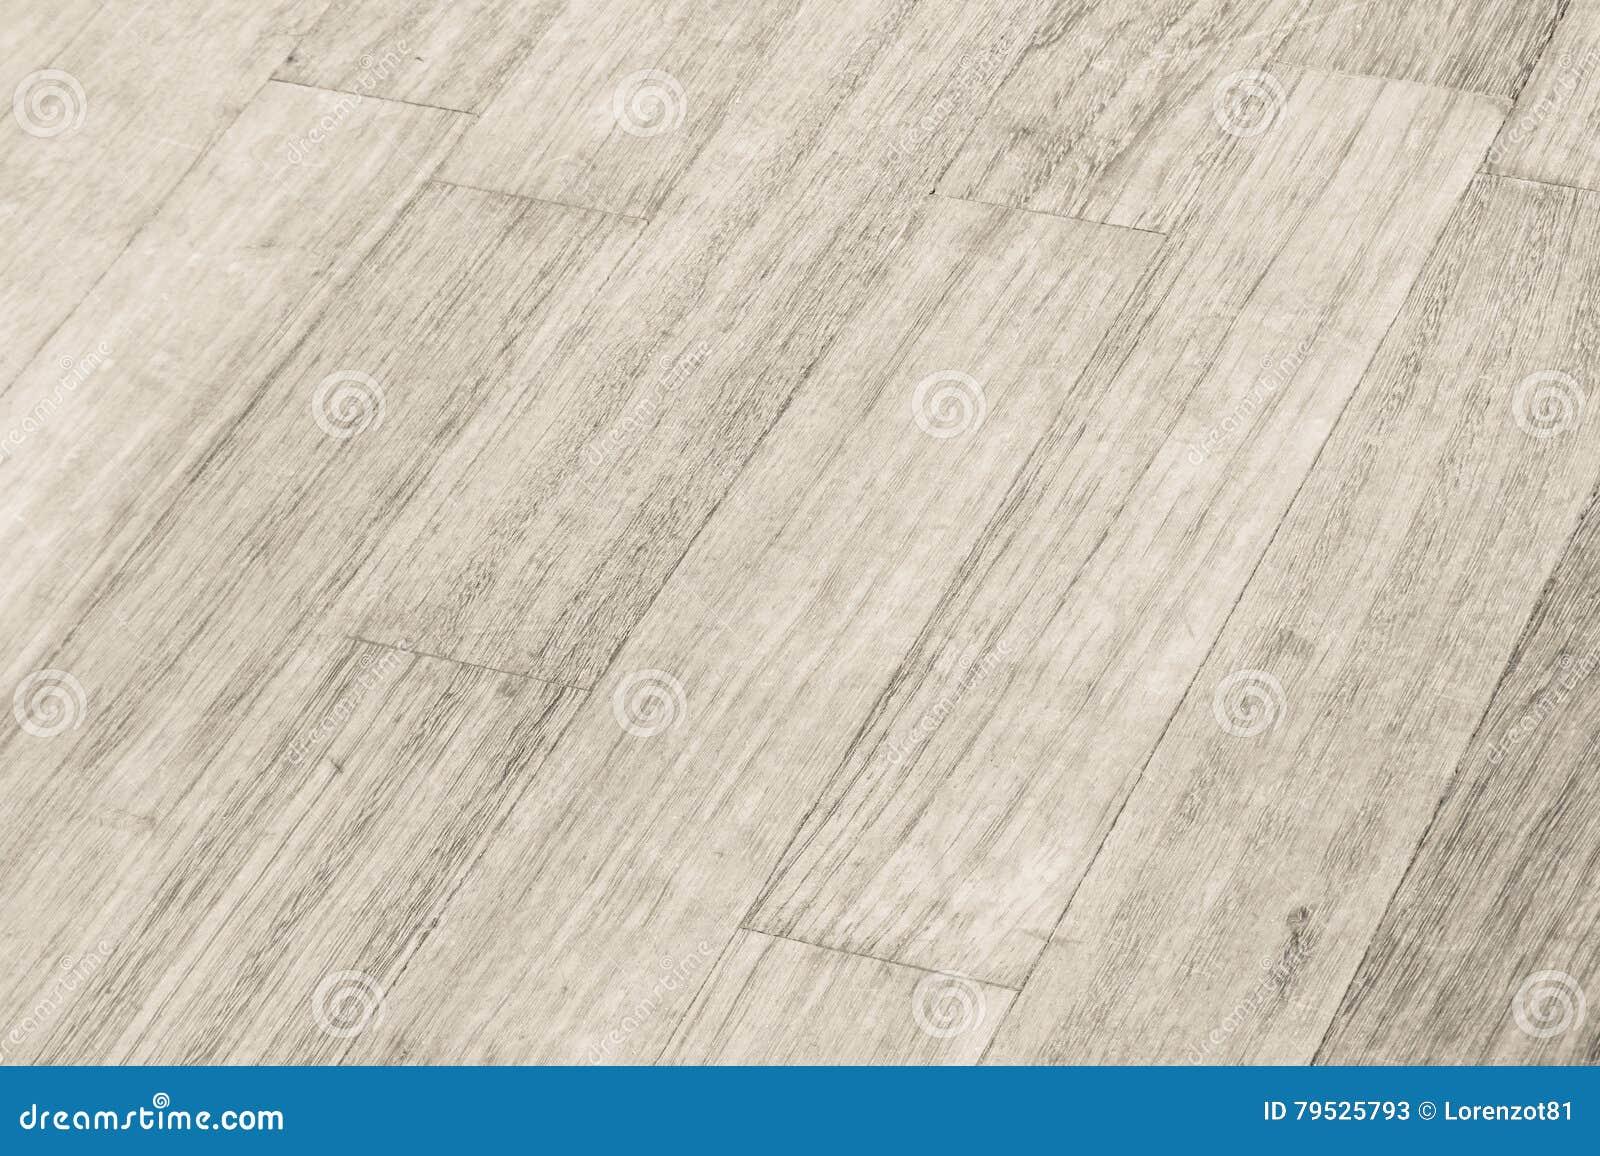 Legno Naturale Bianco : I pannelli di legno naturale per il pavimento sorge effetto in